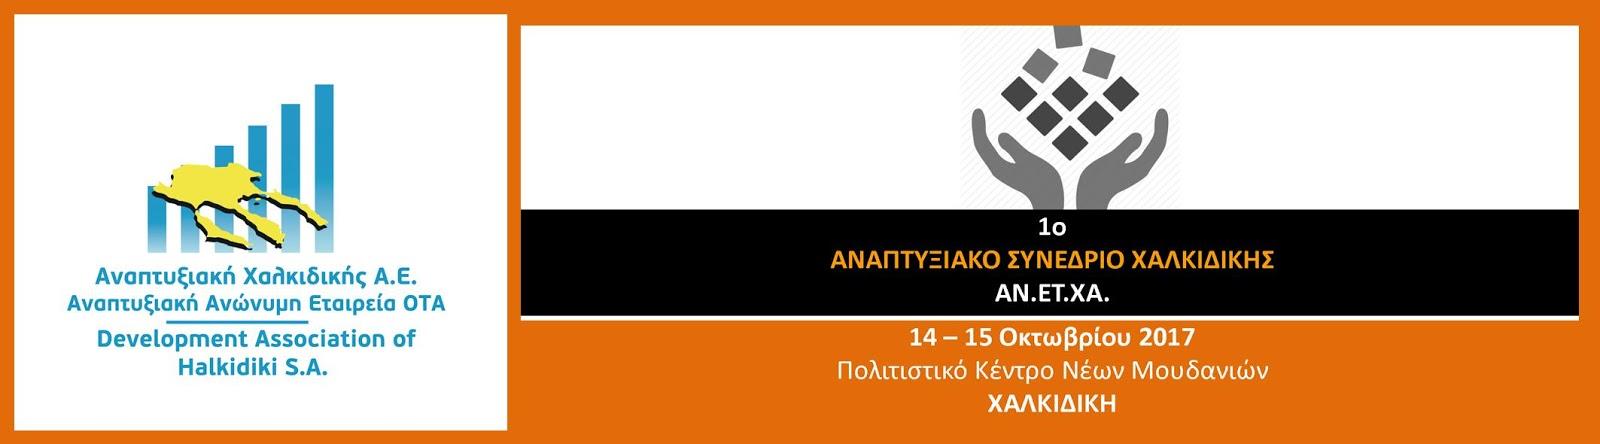 Αναπτυξιακό Συνέδριο Χαλκιδικής